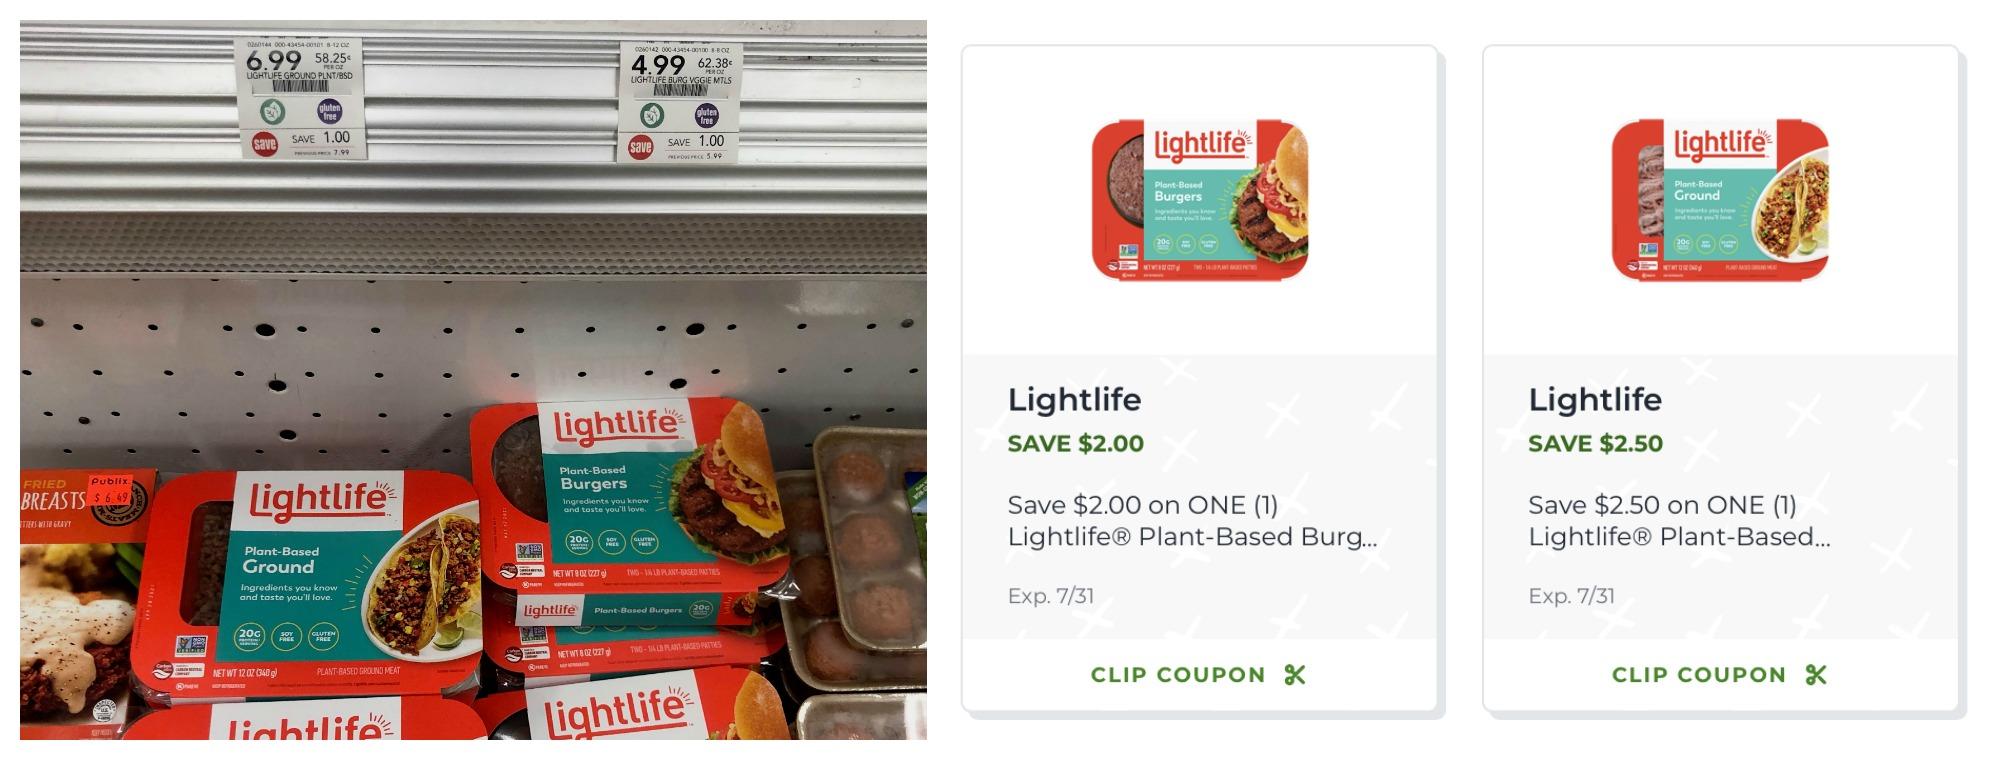 Lightlife Meatless Veggie Burger Just $2.99 (Plant-Based Ground Just $4.49) on I Heart Publix